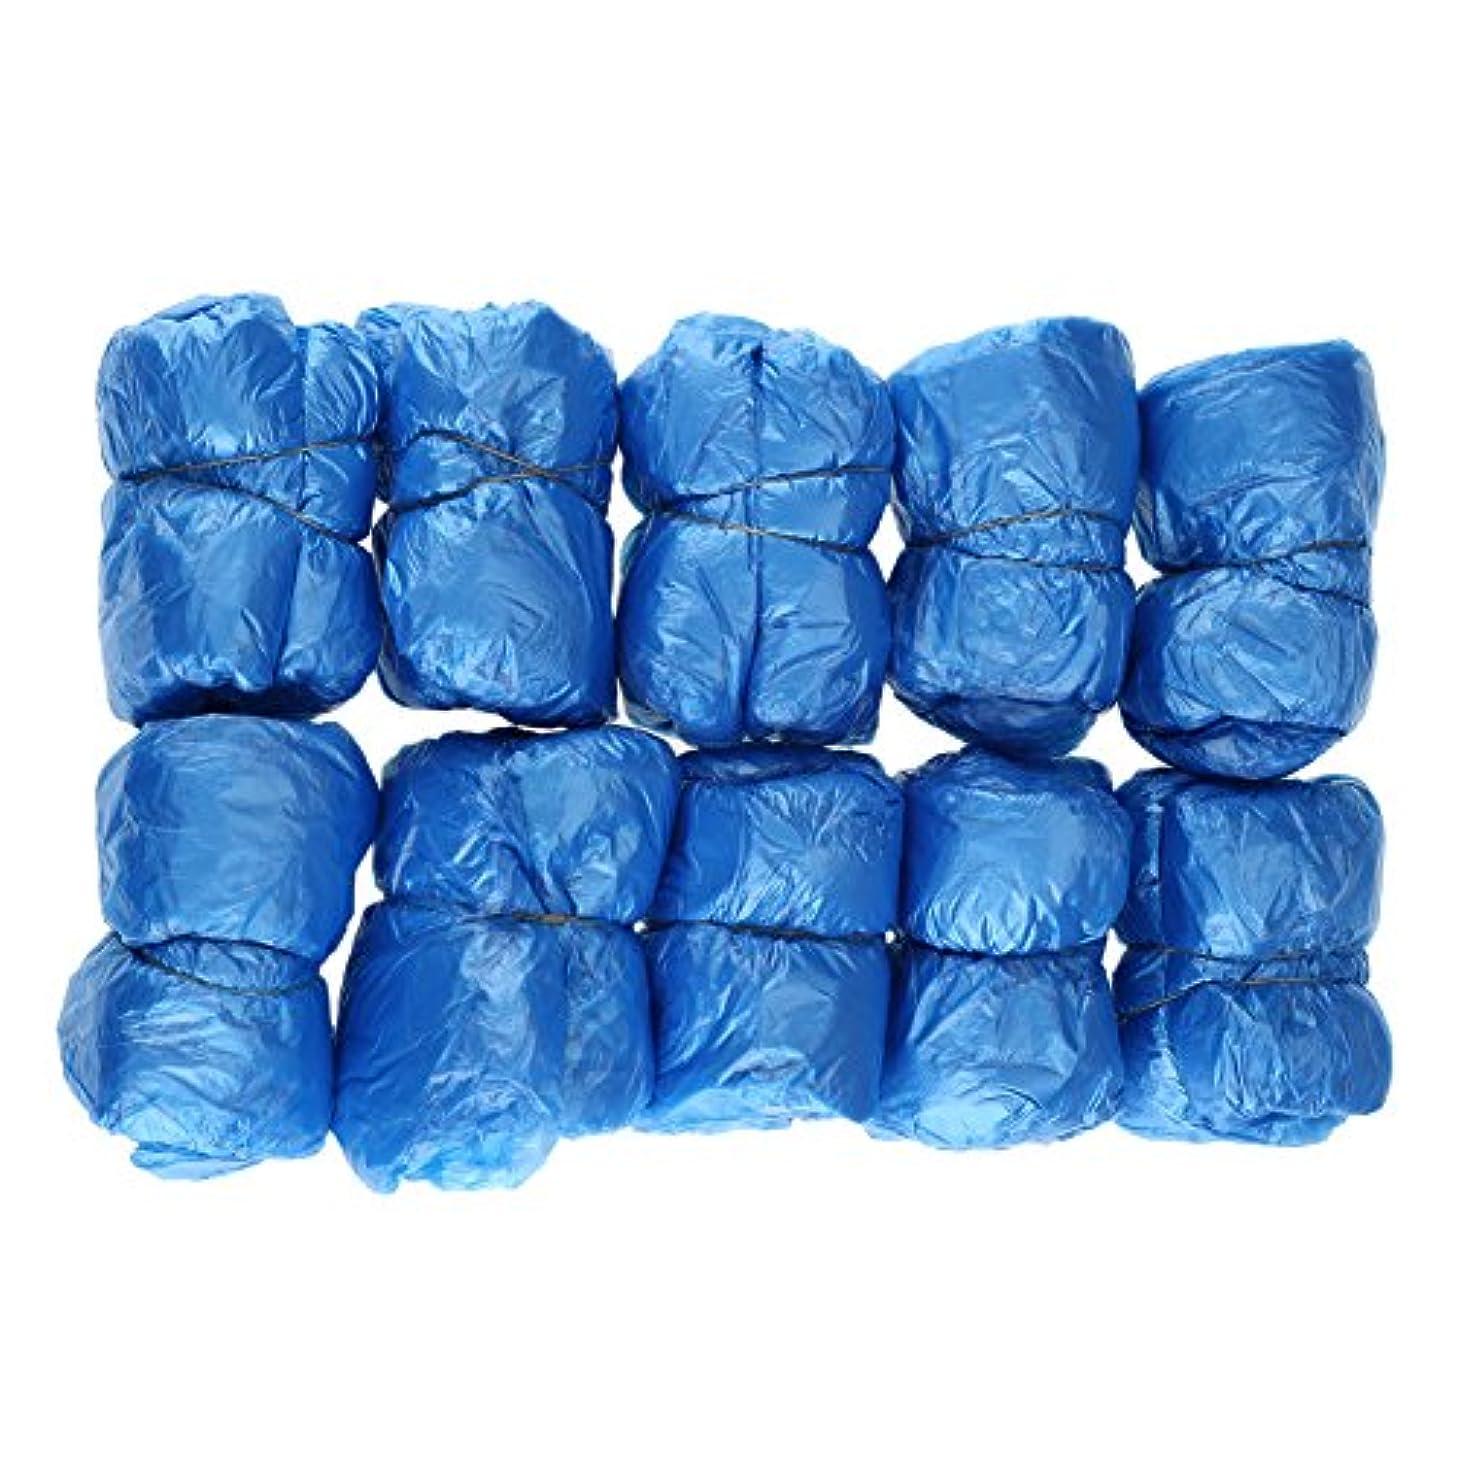 ママ持っている華氏100枚入 使い捨て靴カバー シューズカバー 靴カバー サイズフリー簡単 便利 衛生 家庭用品 ブルー